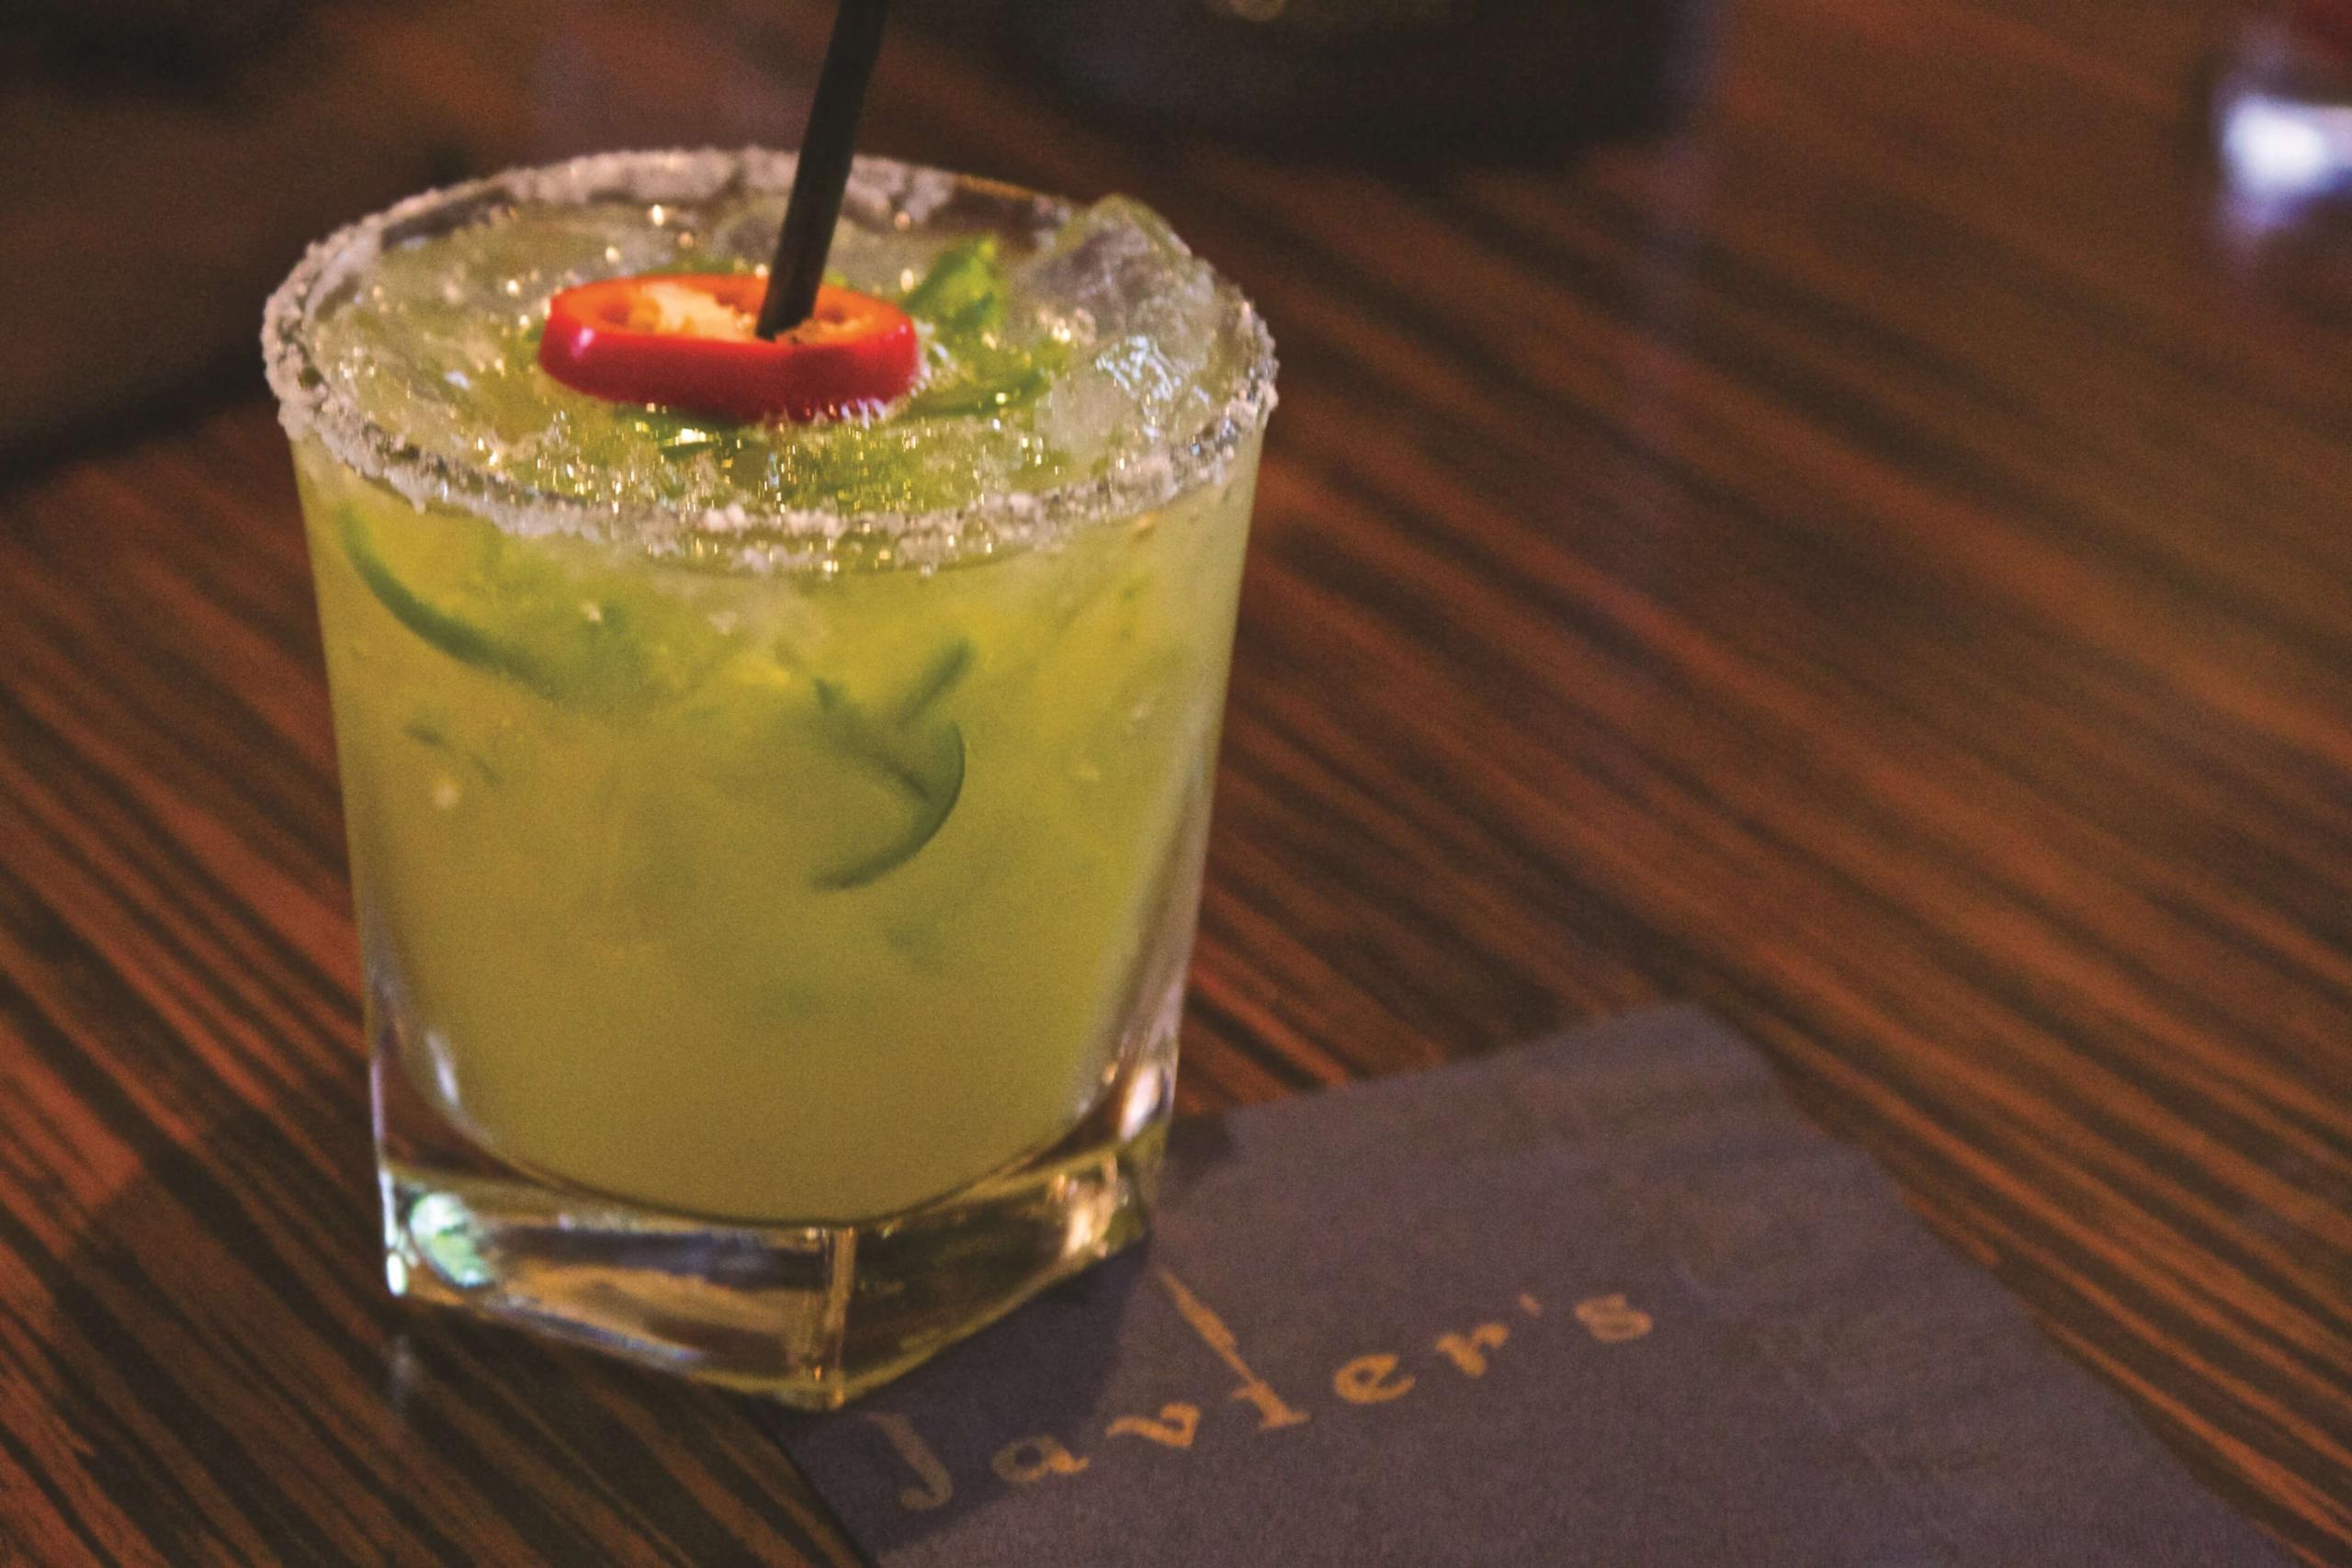 Javier's Las Vegas jalapeno cocktail